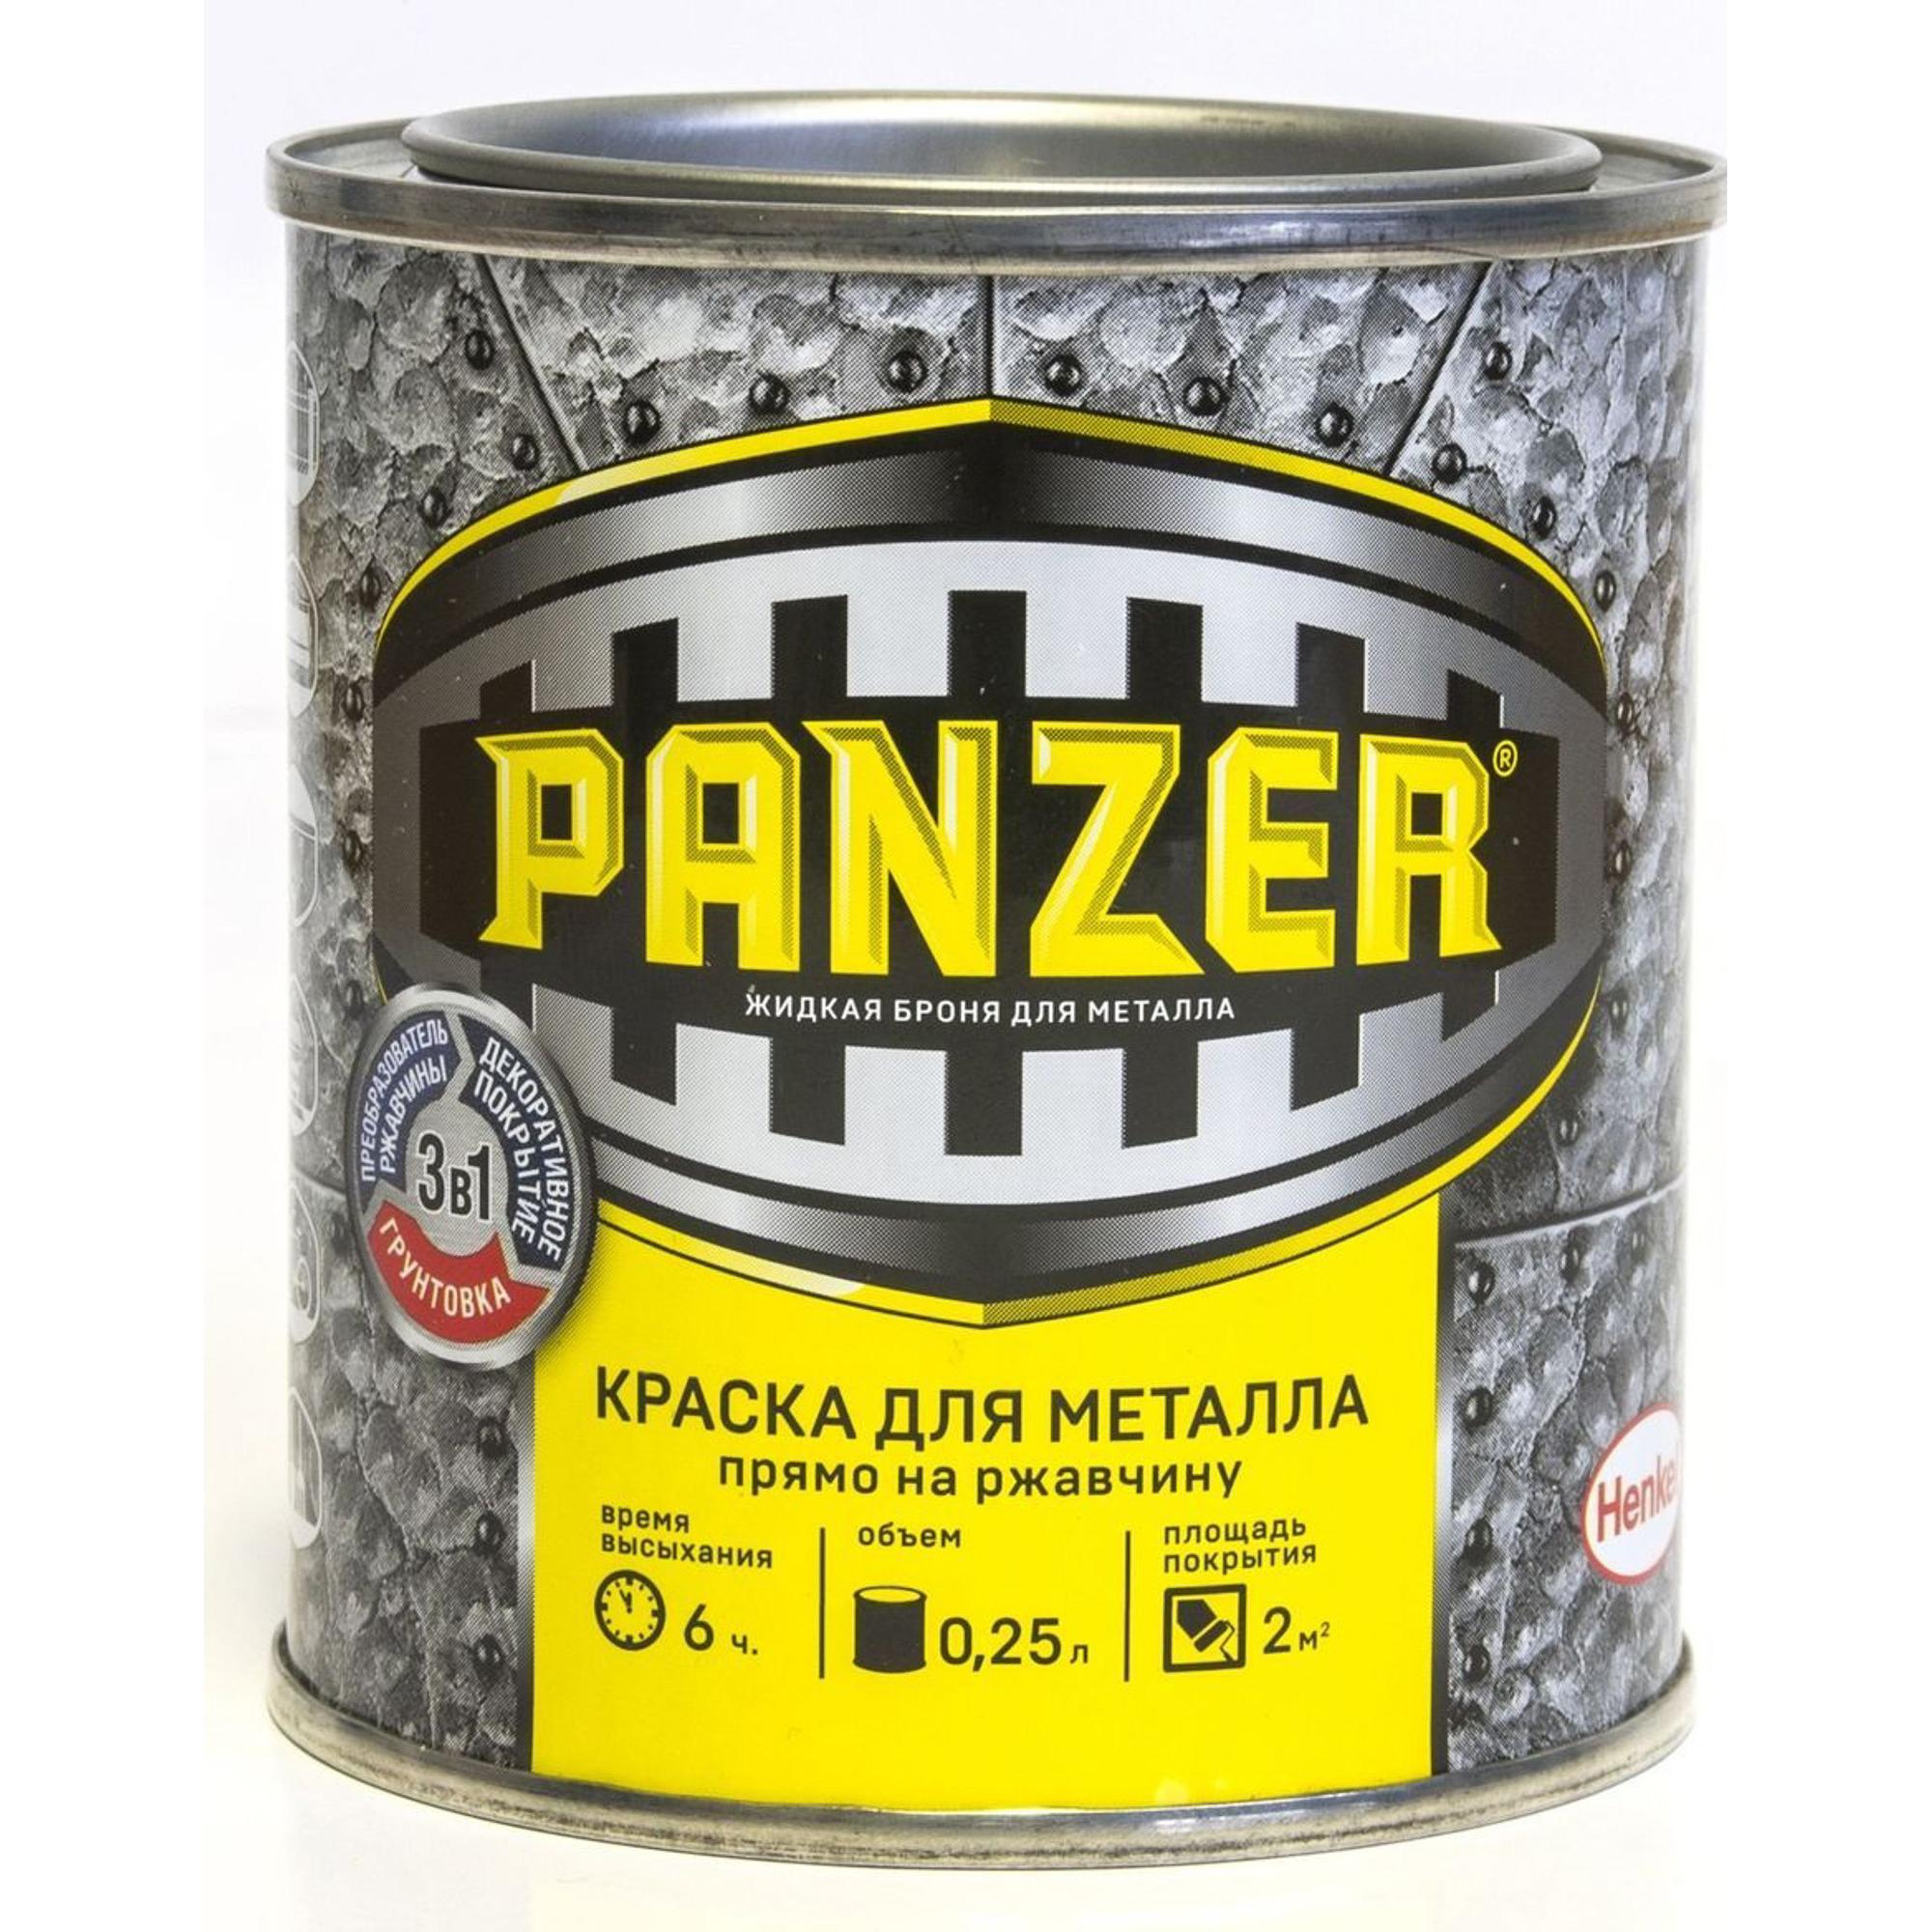 Краска для металла Panzer молотковая коричневая 0.25л краска по ржавчине tikkurila metallista молотковая коричневая глянцевая 0 4 л